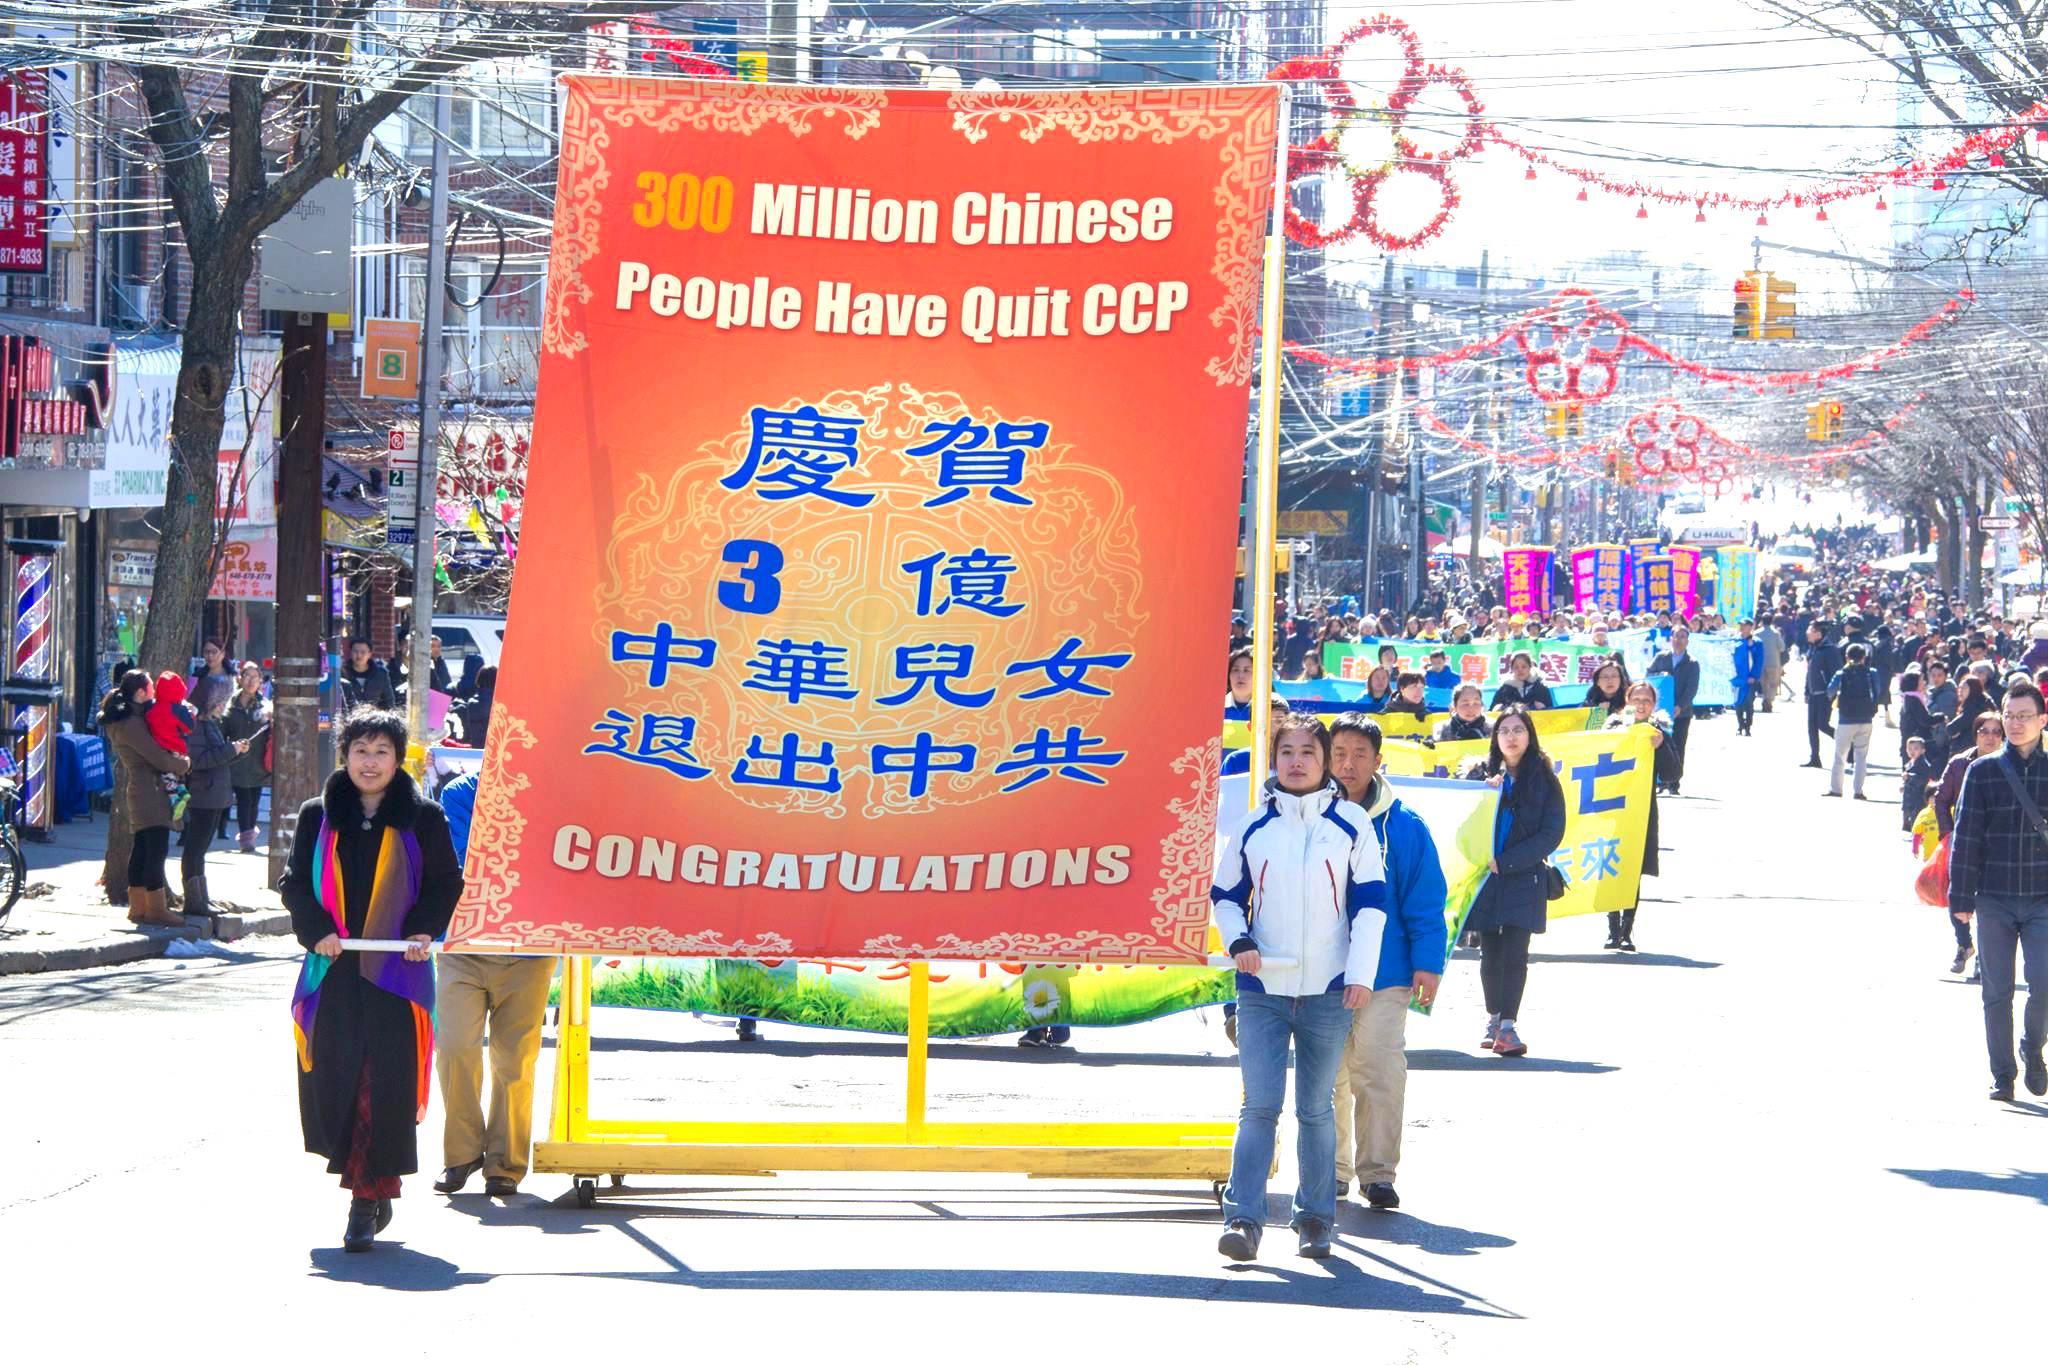 2018年3月11日,紐約法輪功學員在布魯克林中國華人區遊行隊伍中的「慶賀3億中華兒女退出中共」橫幅。(攝影: 張炳乾 )